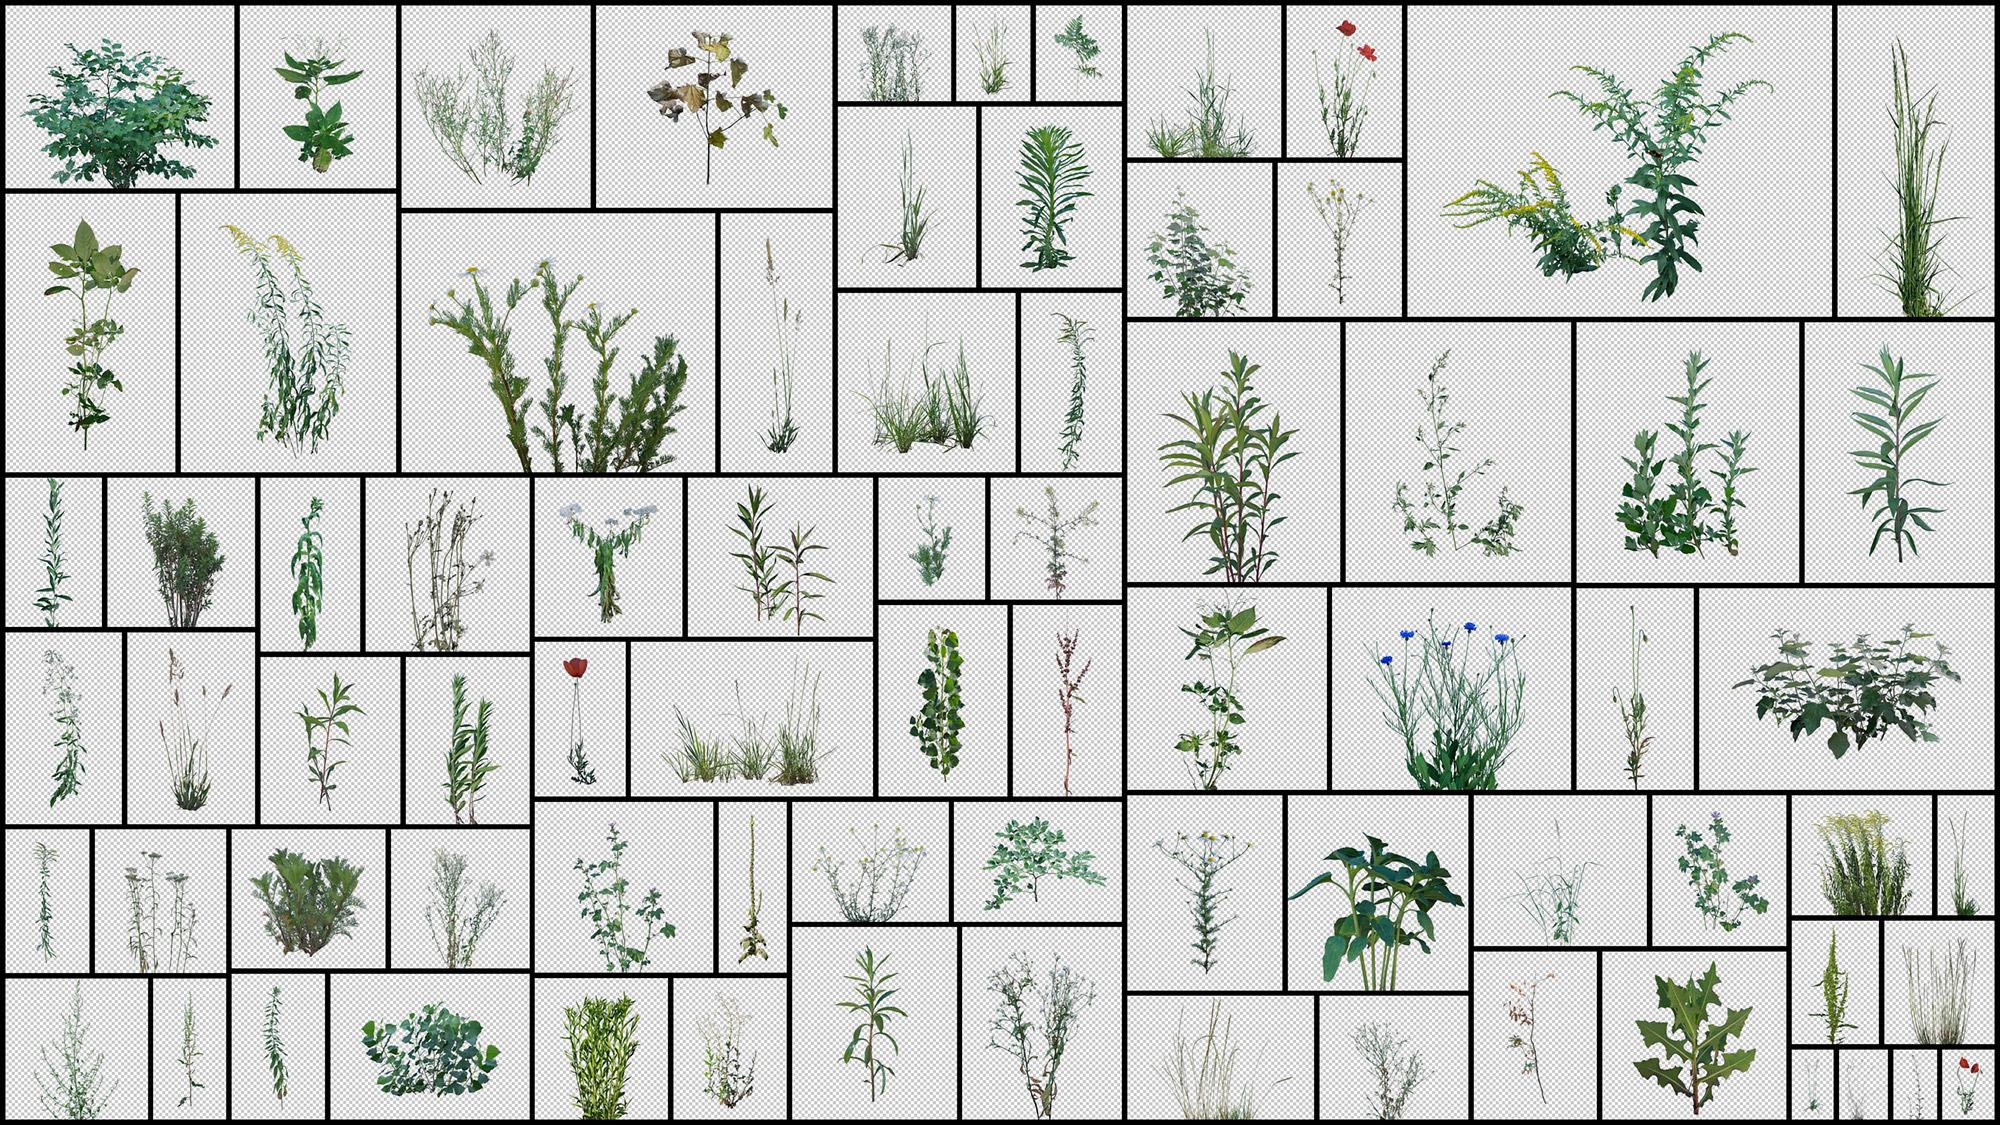 Grass-Weeds.jpg